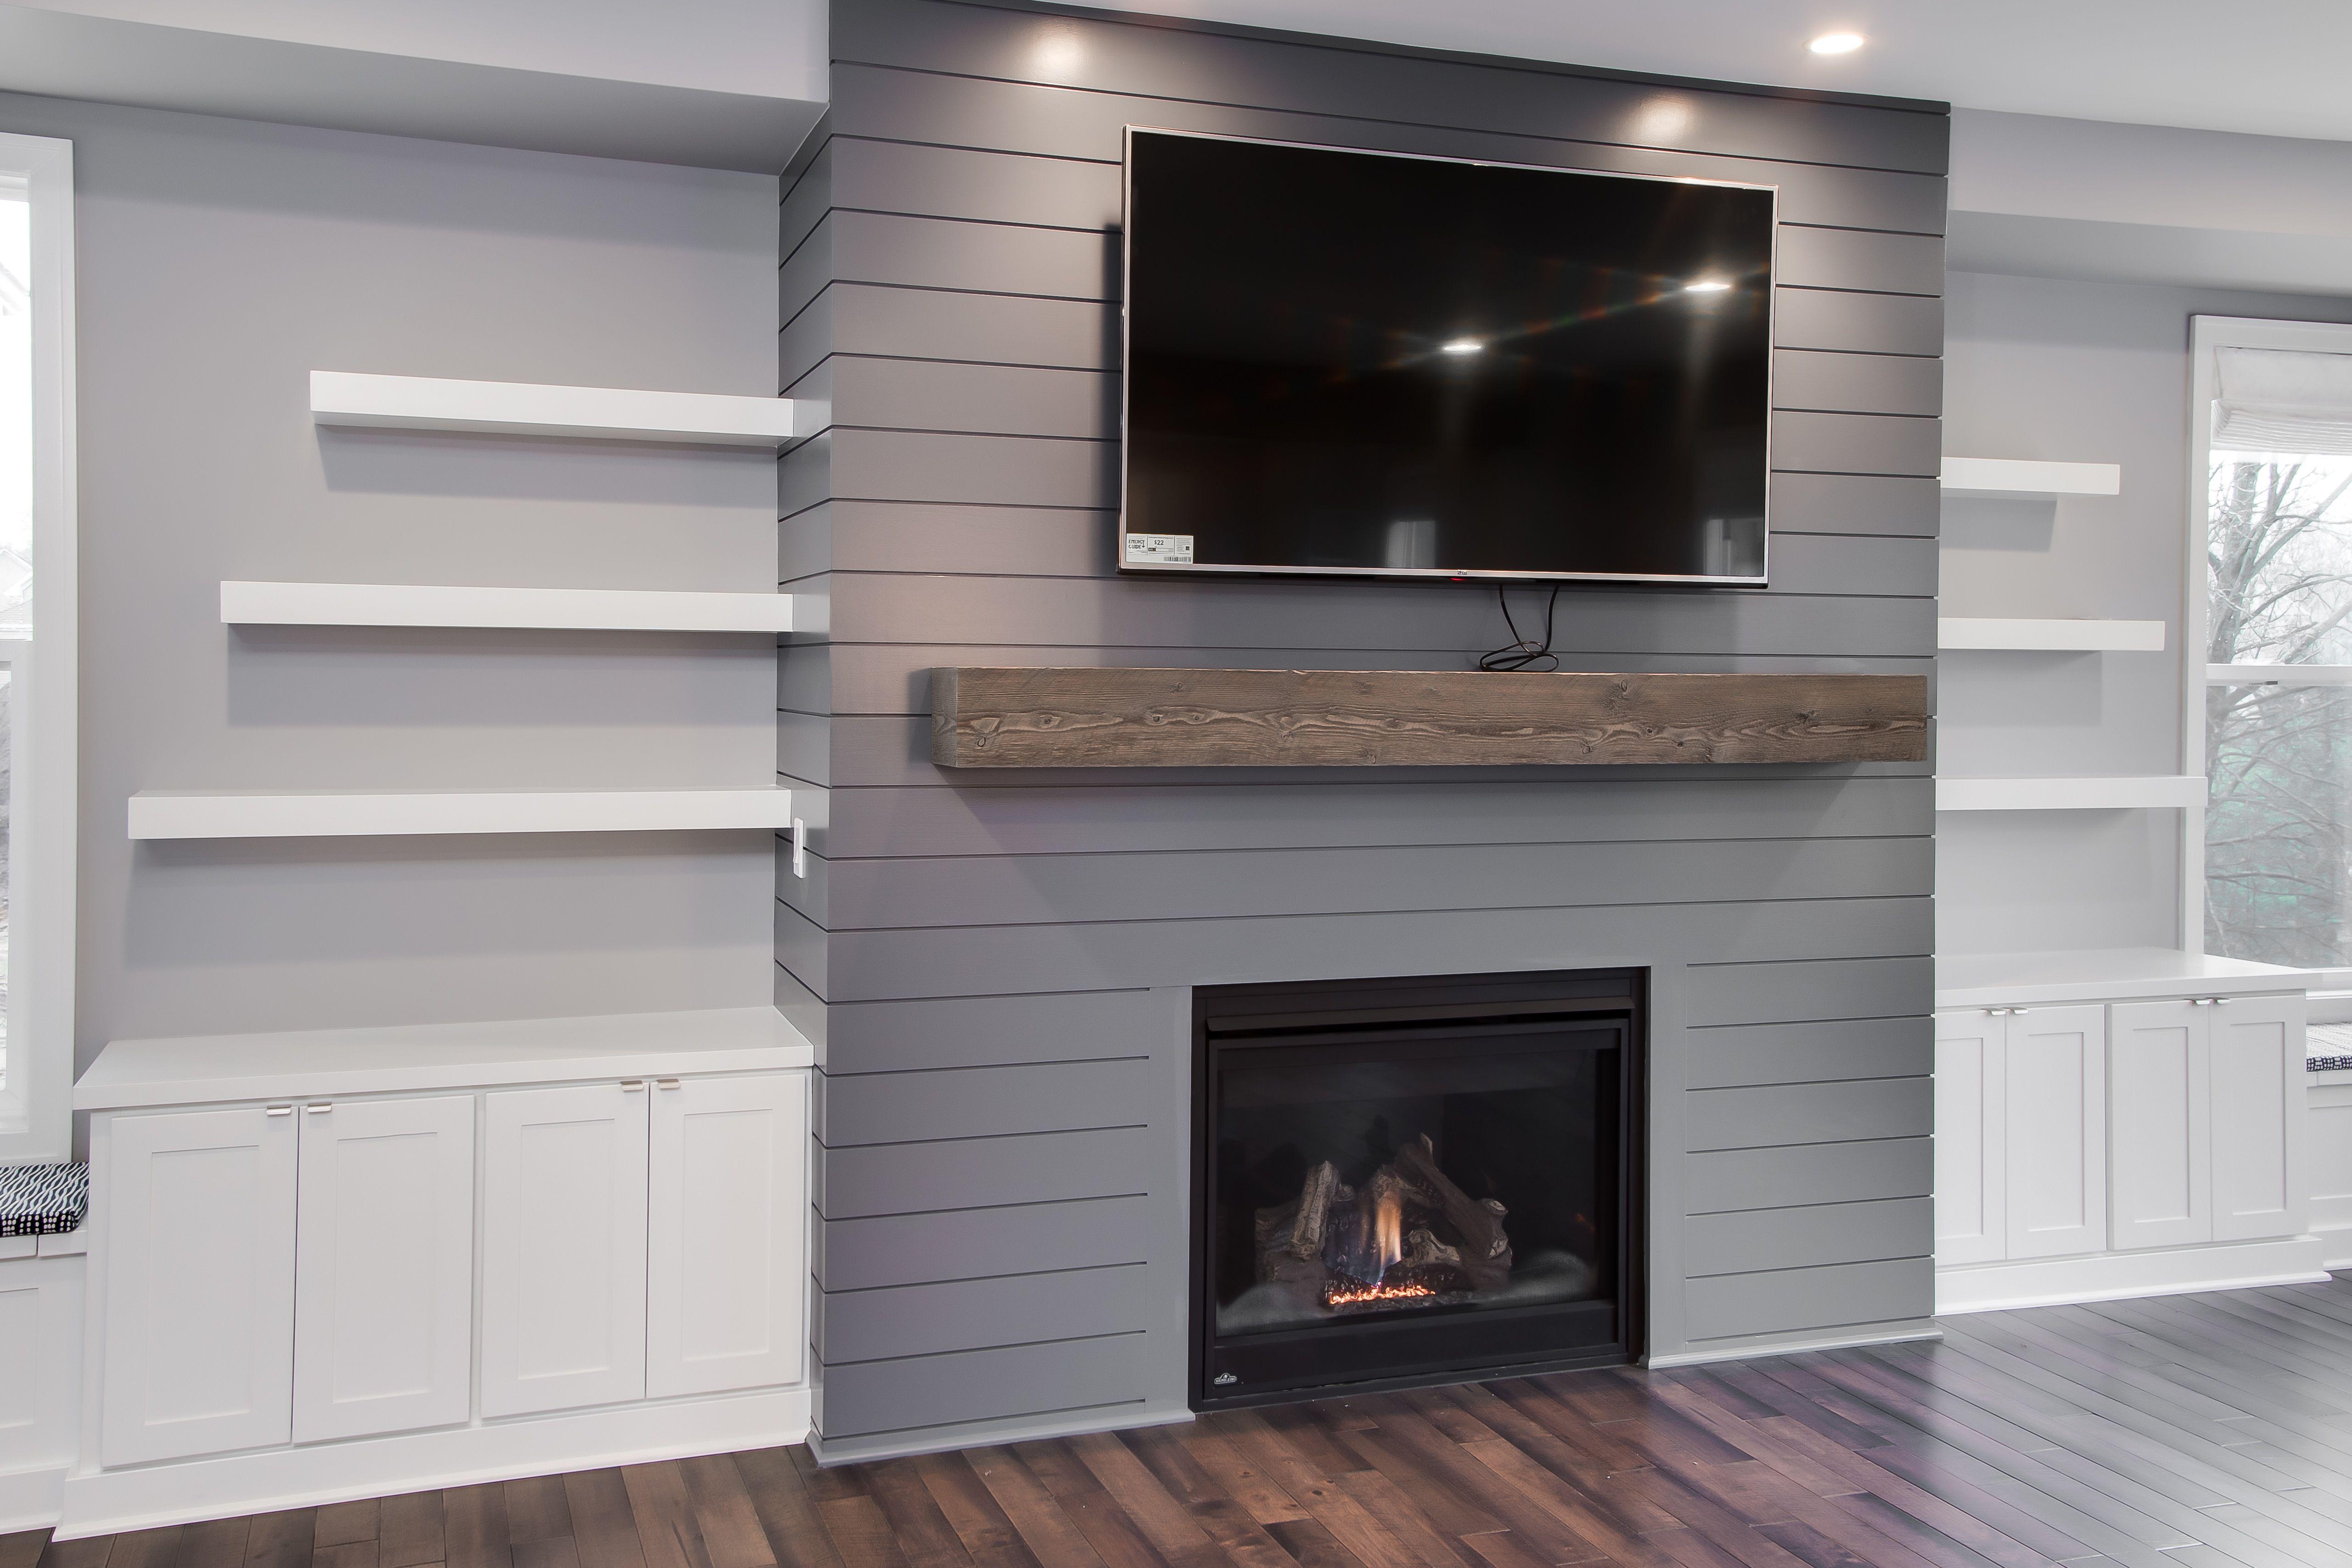 Living Room Pecan Hardwood Floors Painted Shiplap Gas